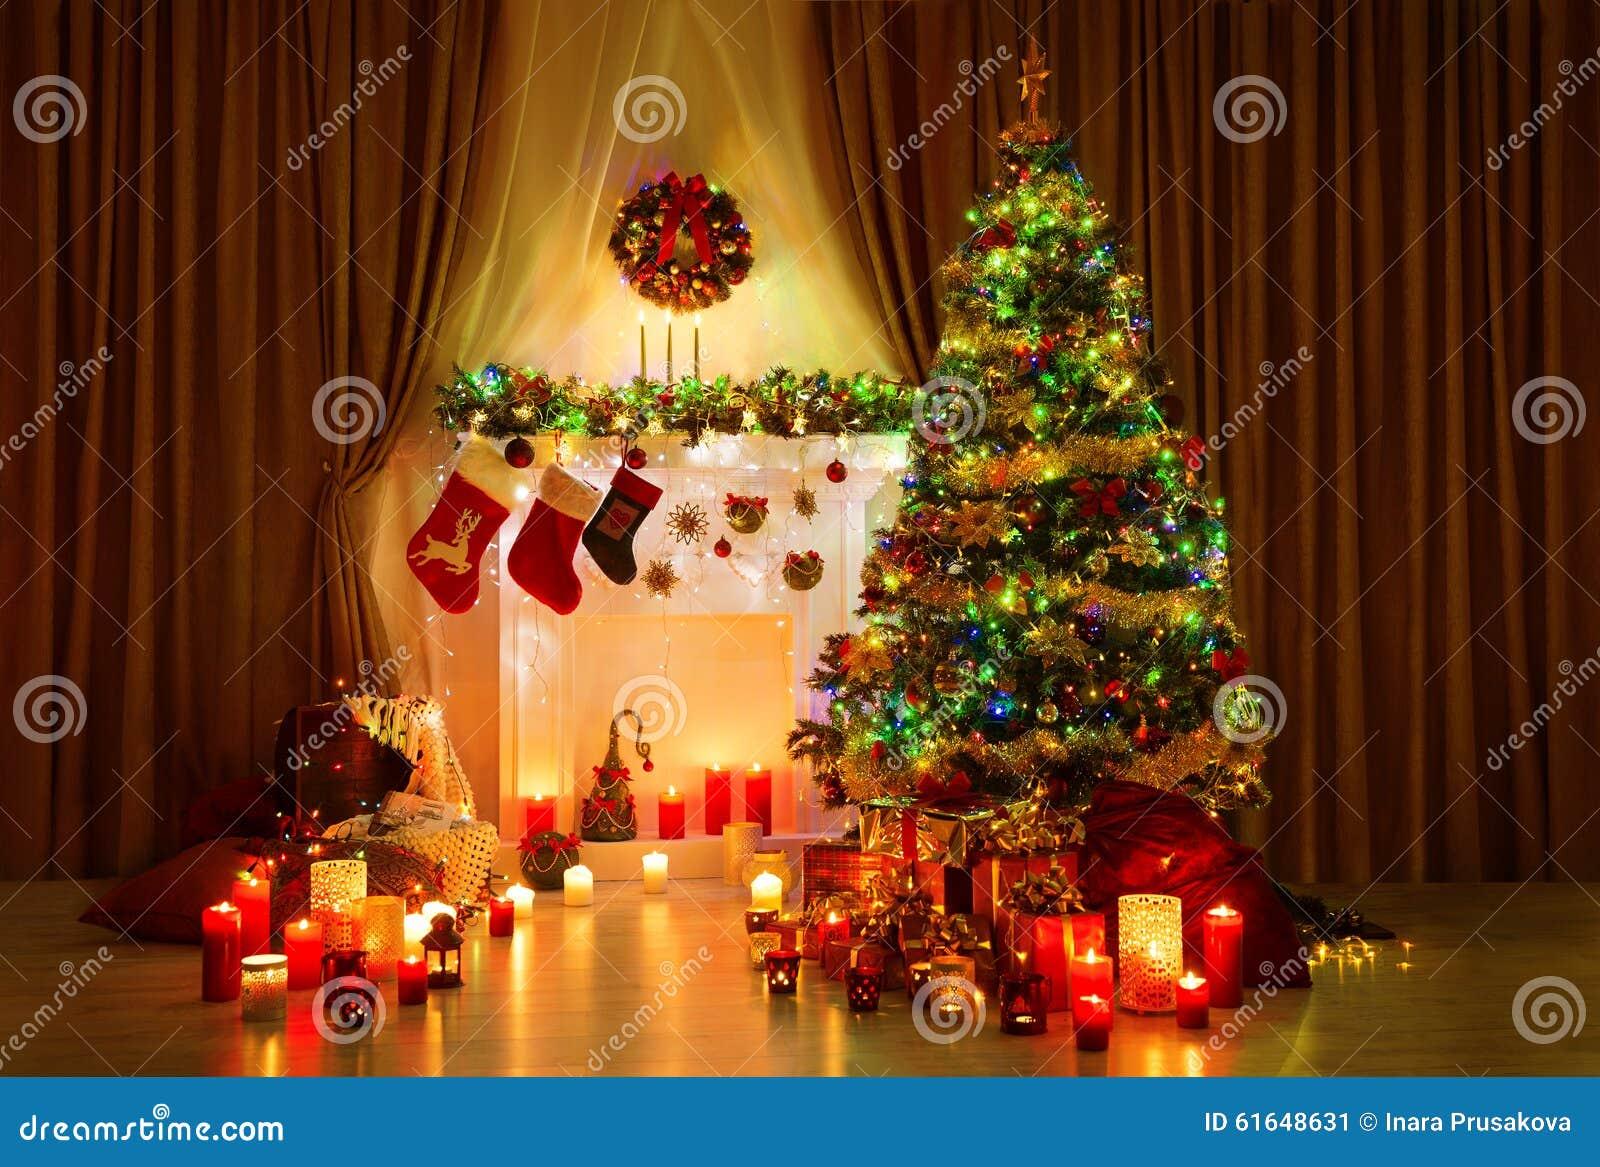 Christmas Tree Room Xmas Home Night Interior Fireplace